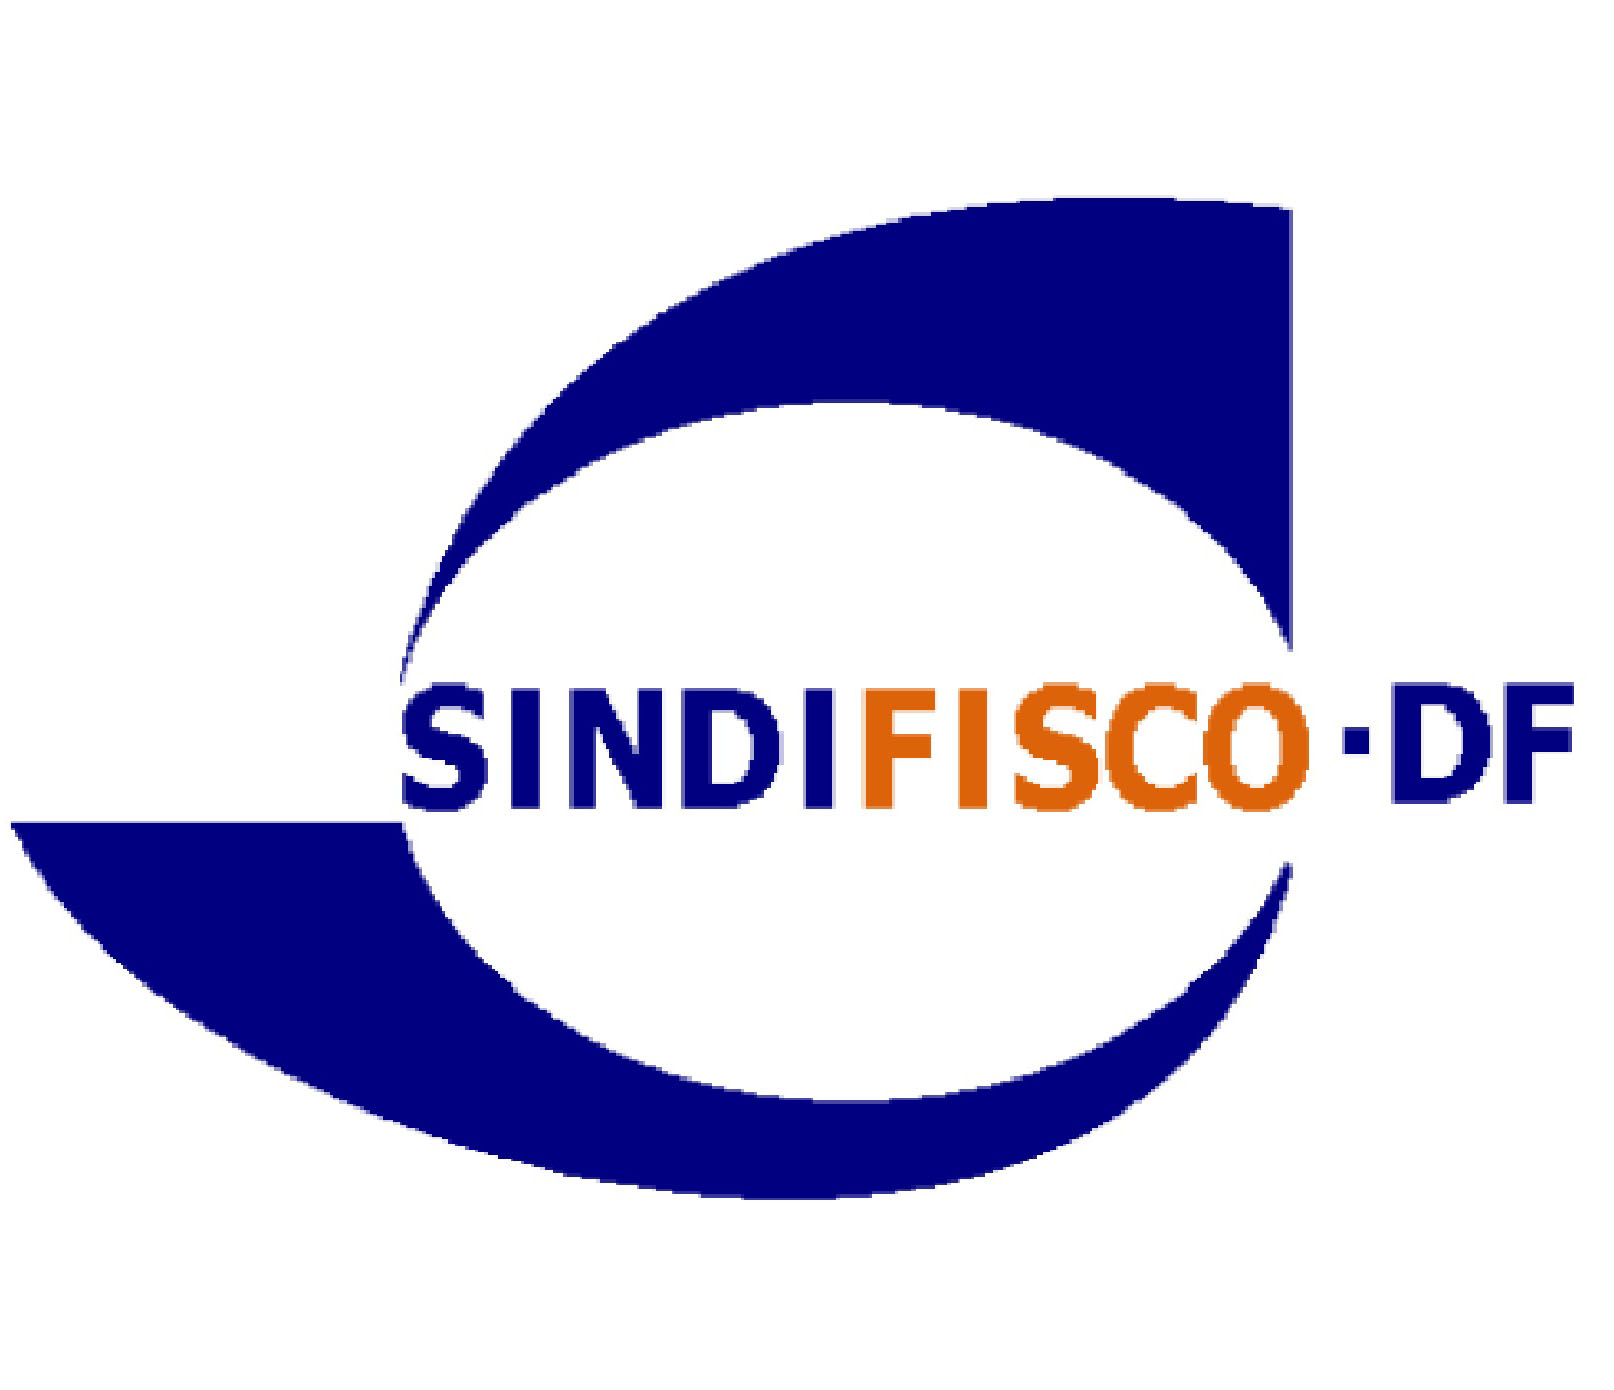 SINDIFISCO-DF propõe ação contra o imposto de renda incidente sobre o adicional de 1/3 de férias